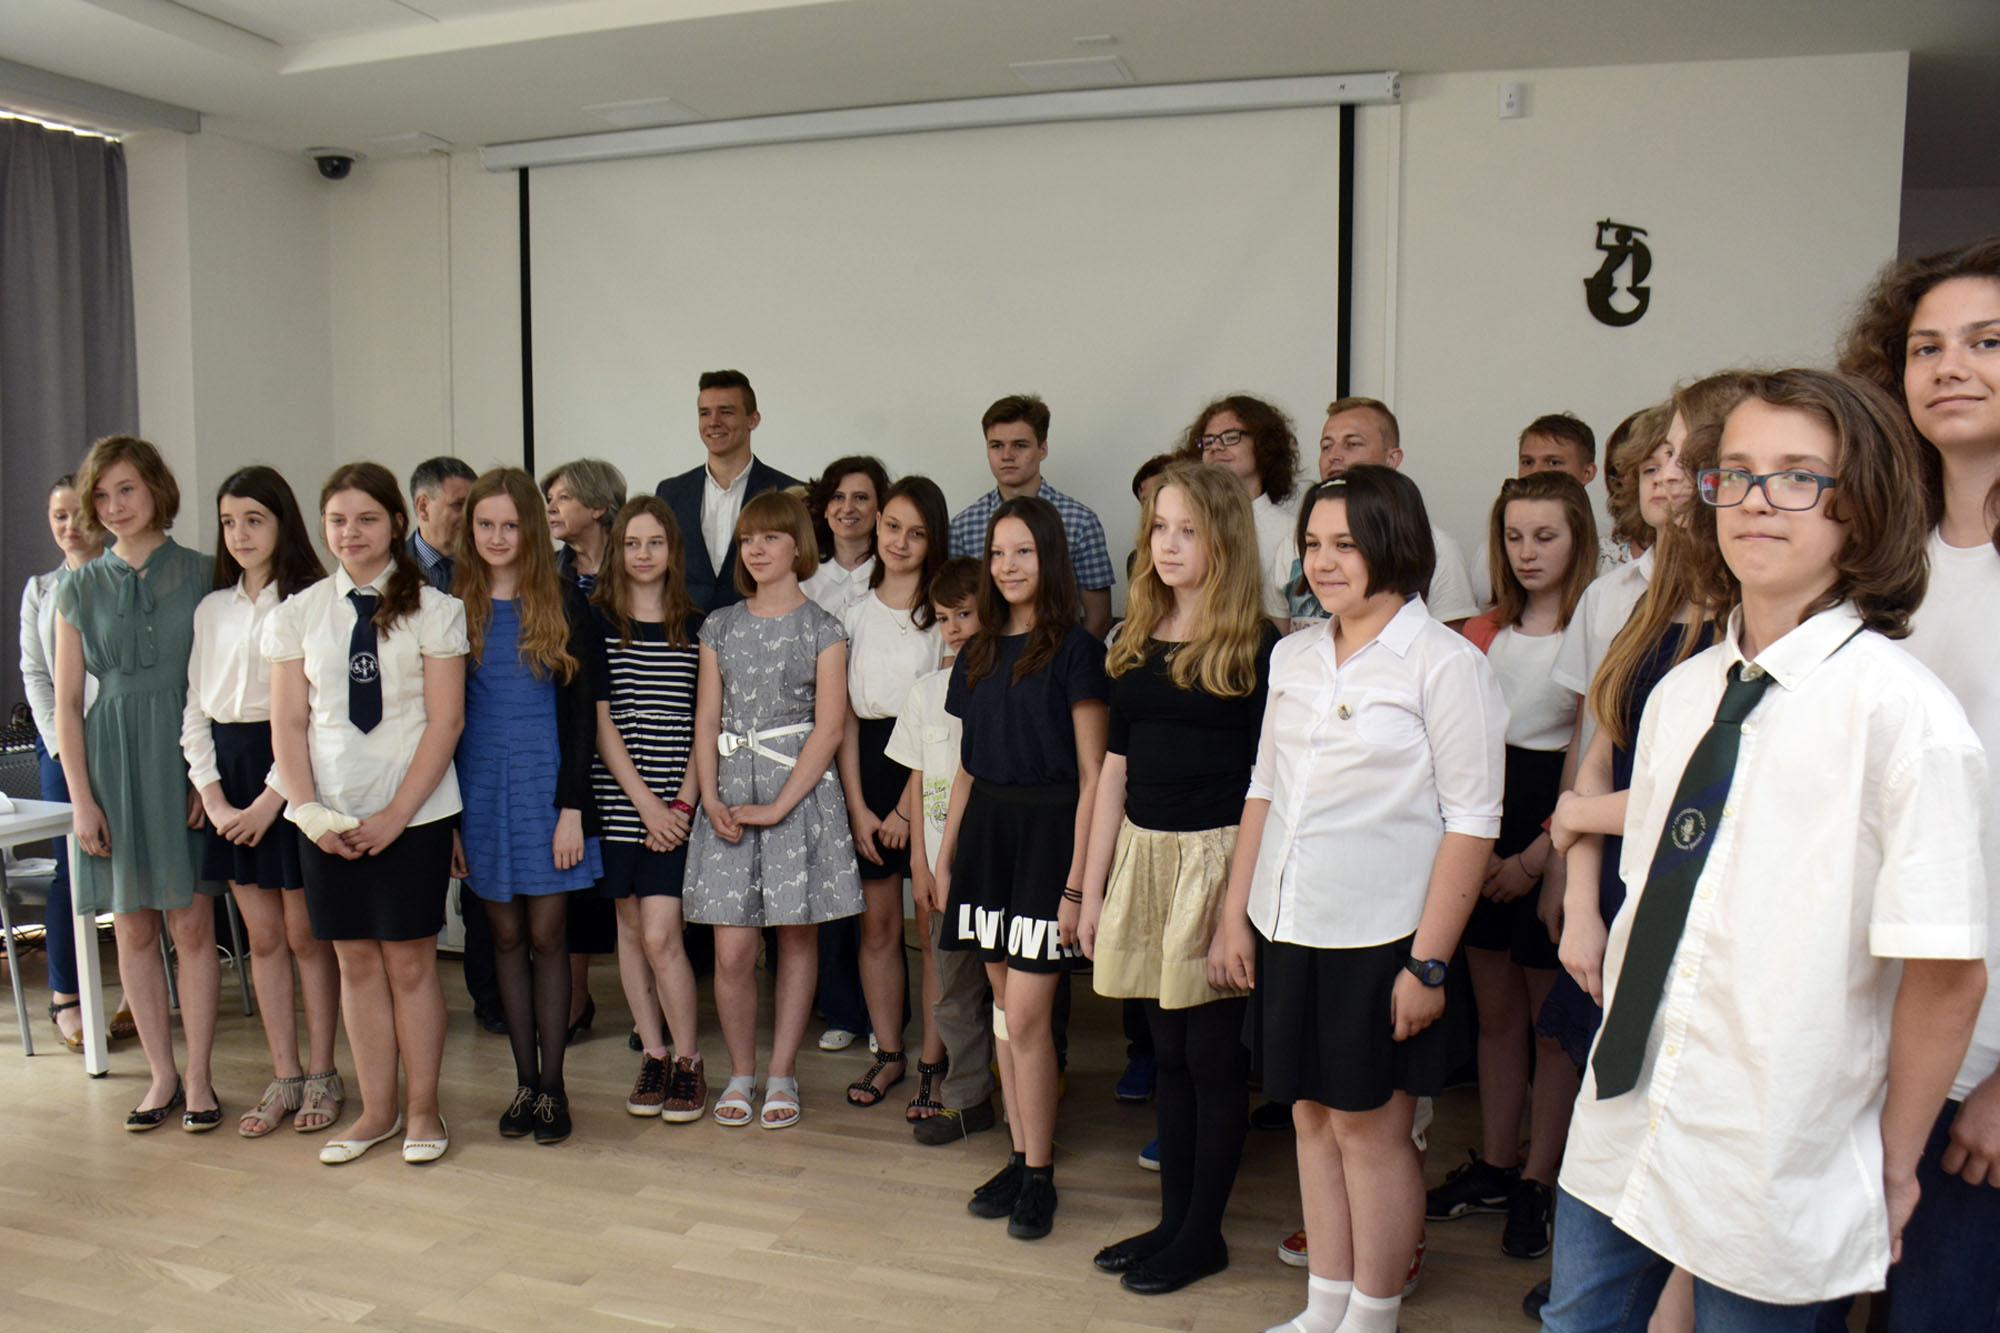 Zgromadzeni w sali laureaci konkursu pozują do grupowego zdjęcia.